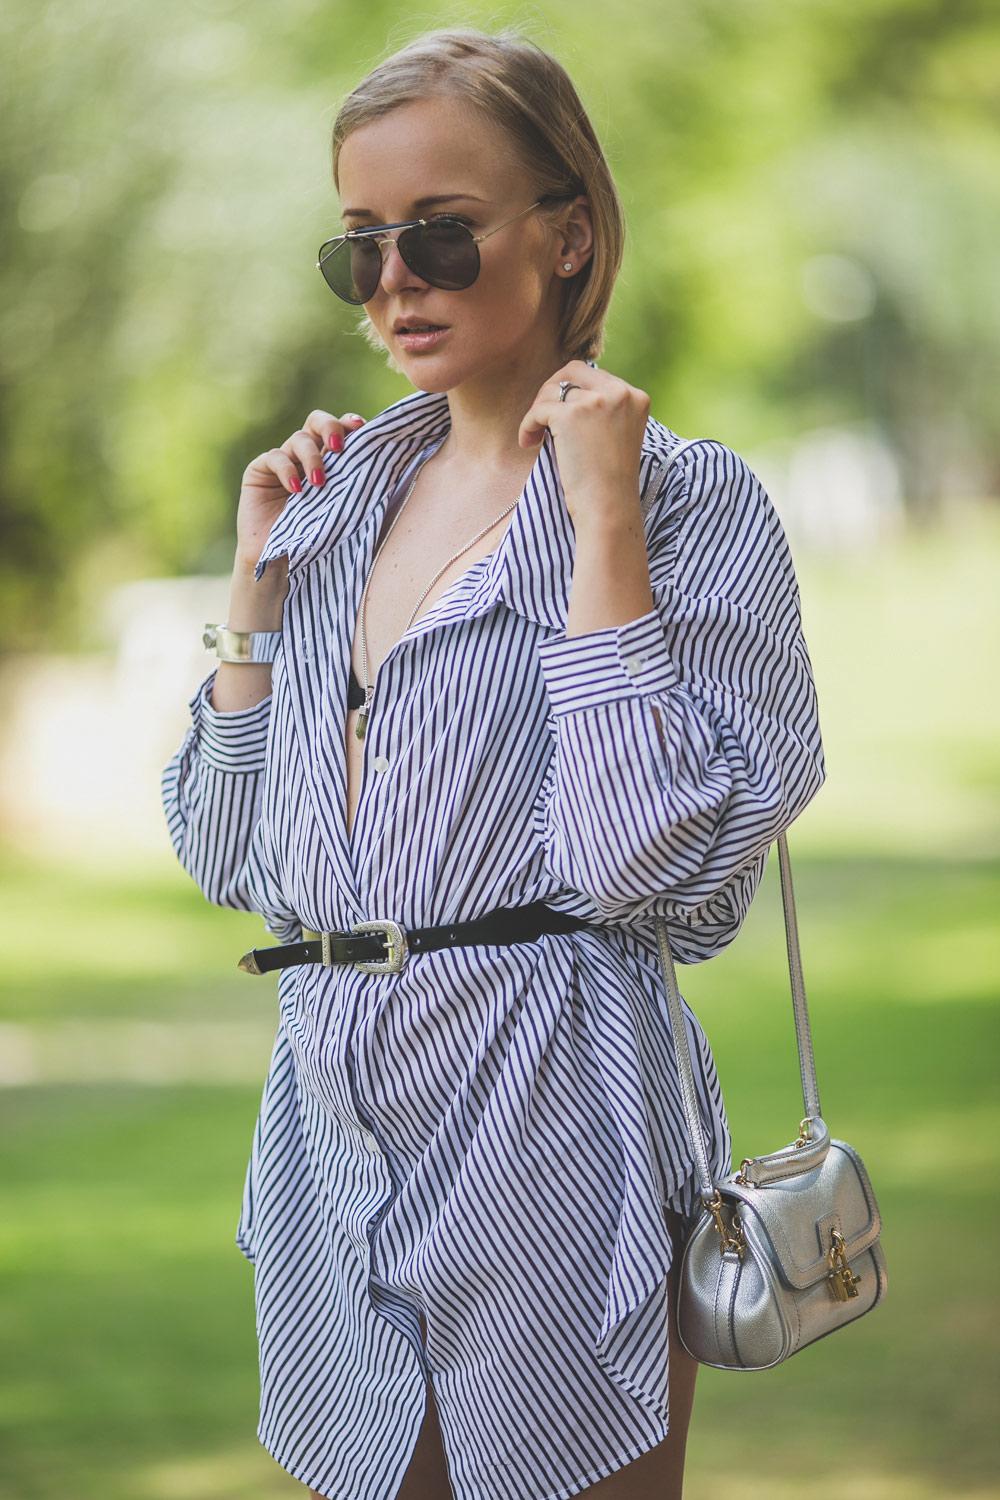 darya-kamalova-thecablook-fashion-lifestyle-blogger-from-thecablook-com-in-puglia-gargano-baia-dei-faraglioni-allegro-italia-2959